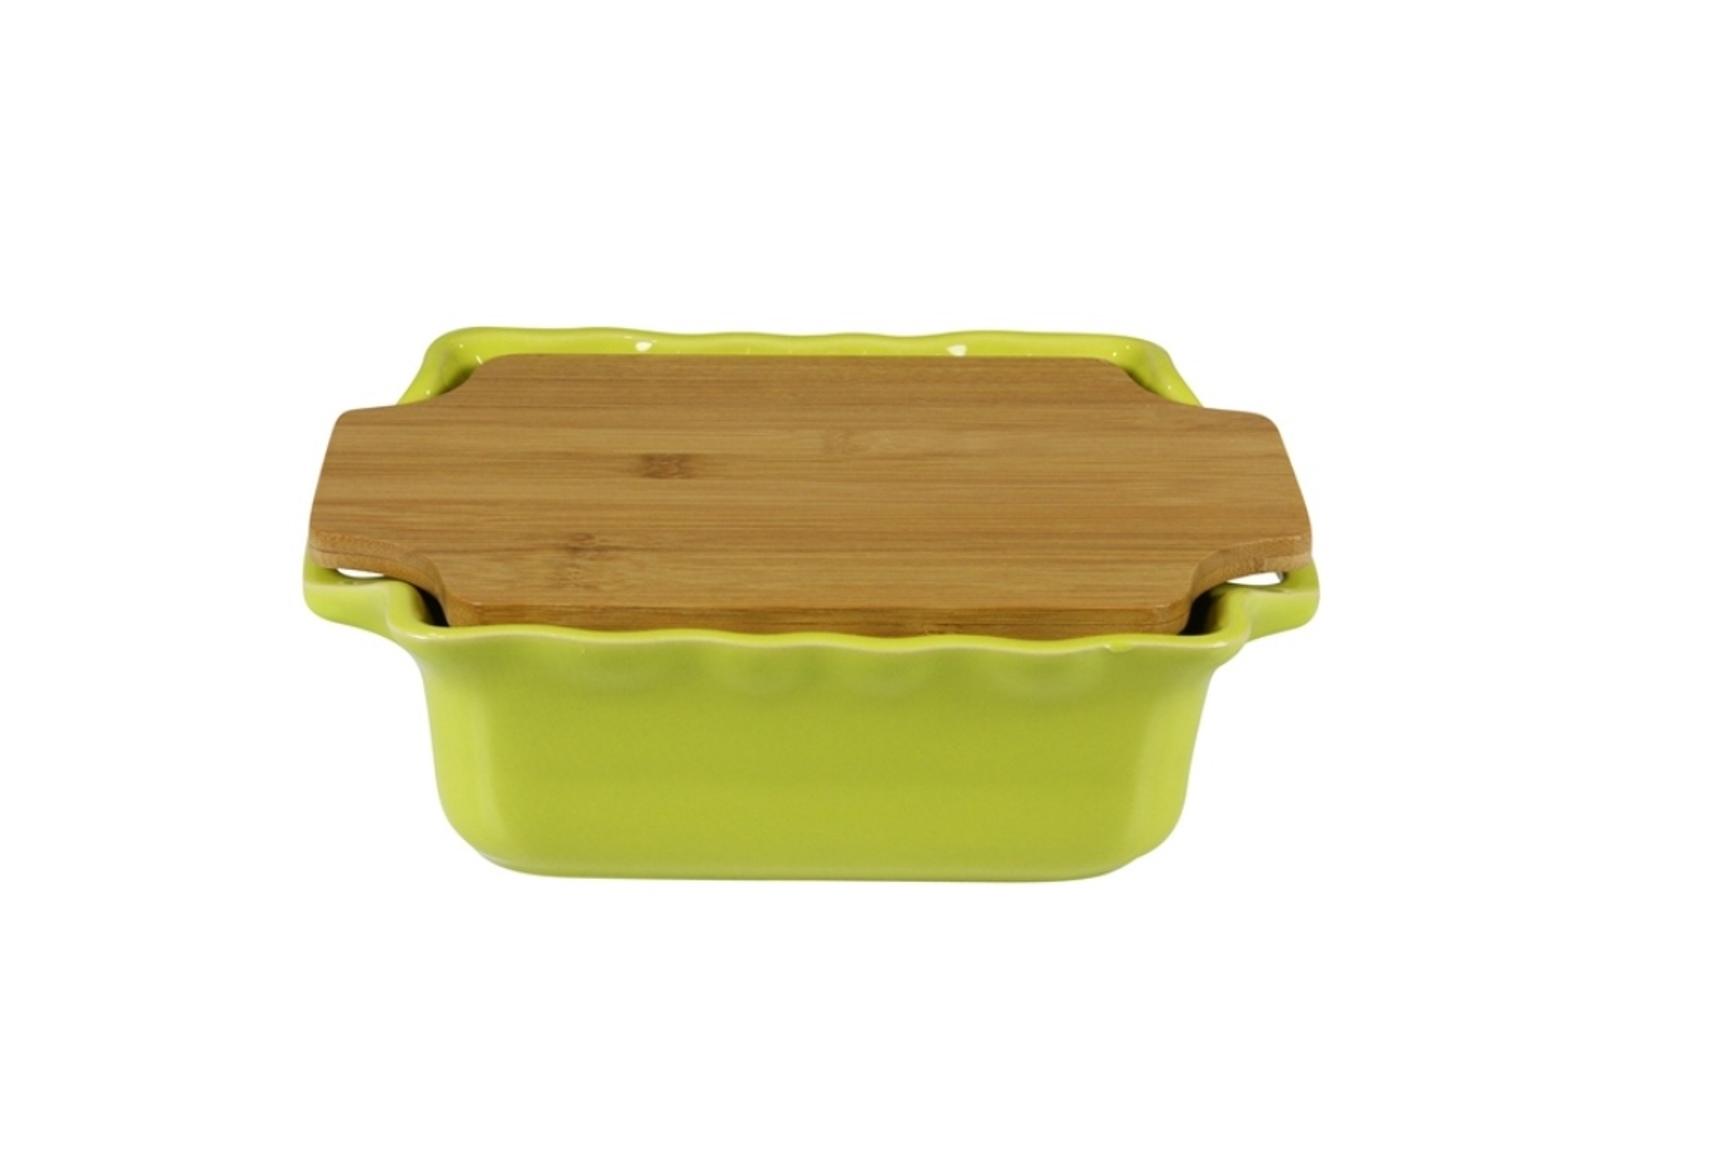 Форма с доской квадратная 25,5 см Appolia Cook&amp;Stock LIGHT GREEN 130025501Формы для запекания (выпечки)<br>Форма с доской квадратная 25,5 см Appolia Cook&amp;Stock LIGHT GREEN 130025501<br><br>В оригинальной коллекции Cook&amp;Stoock присутствуют мягкие цвета трех оттенков. Закругленные углы облегчают чистку. Легко использовать. Компактное хранение. В комплекте натуральные крышки из бамбука, которые можно использовать в качестве подставки, крышки и разделочной доски. Прочная жароустойчивая керамика экологична и изготавливается из высококачественной глины. Прочная глазурь устойчива к растрескиванию и сколам, не содержит свинца и кадмия. Глина обеспечивает медленный и равномерный нагрев, деликатное приготовление с сохранением всех питательных веществ и витаминов, а та же долго сохраняет тепло, что удобно при сервировке горячих блюд.<br>